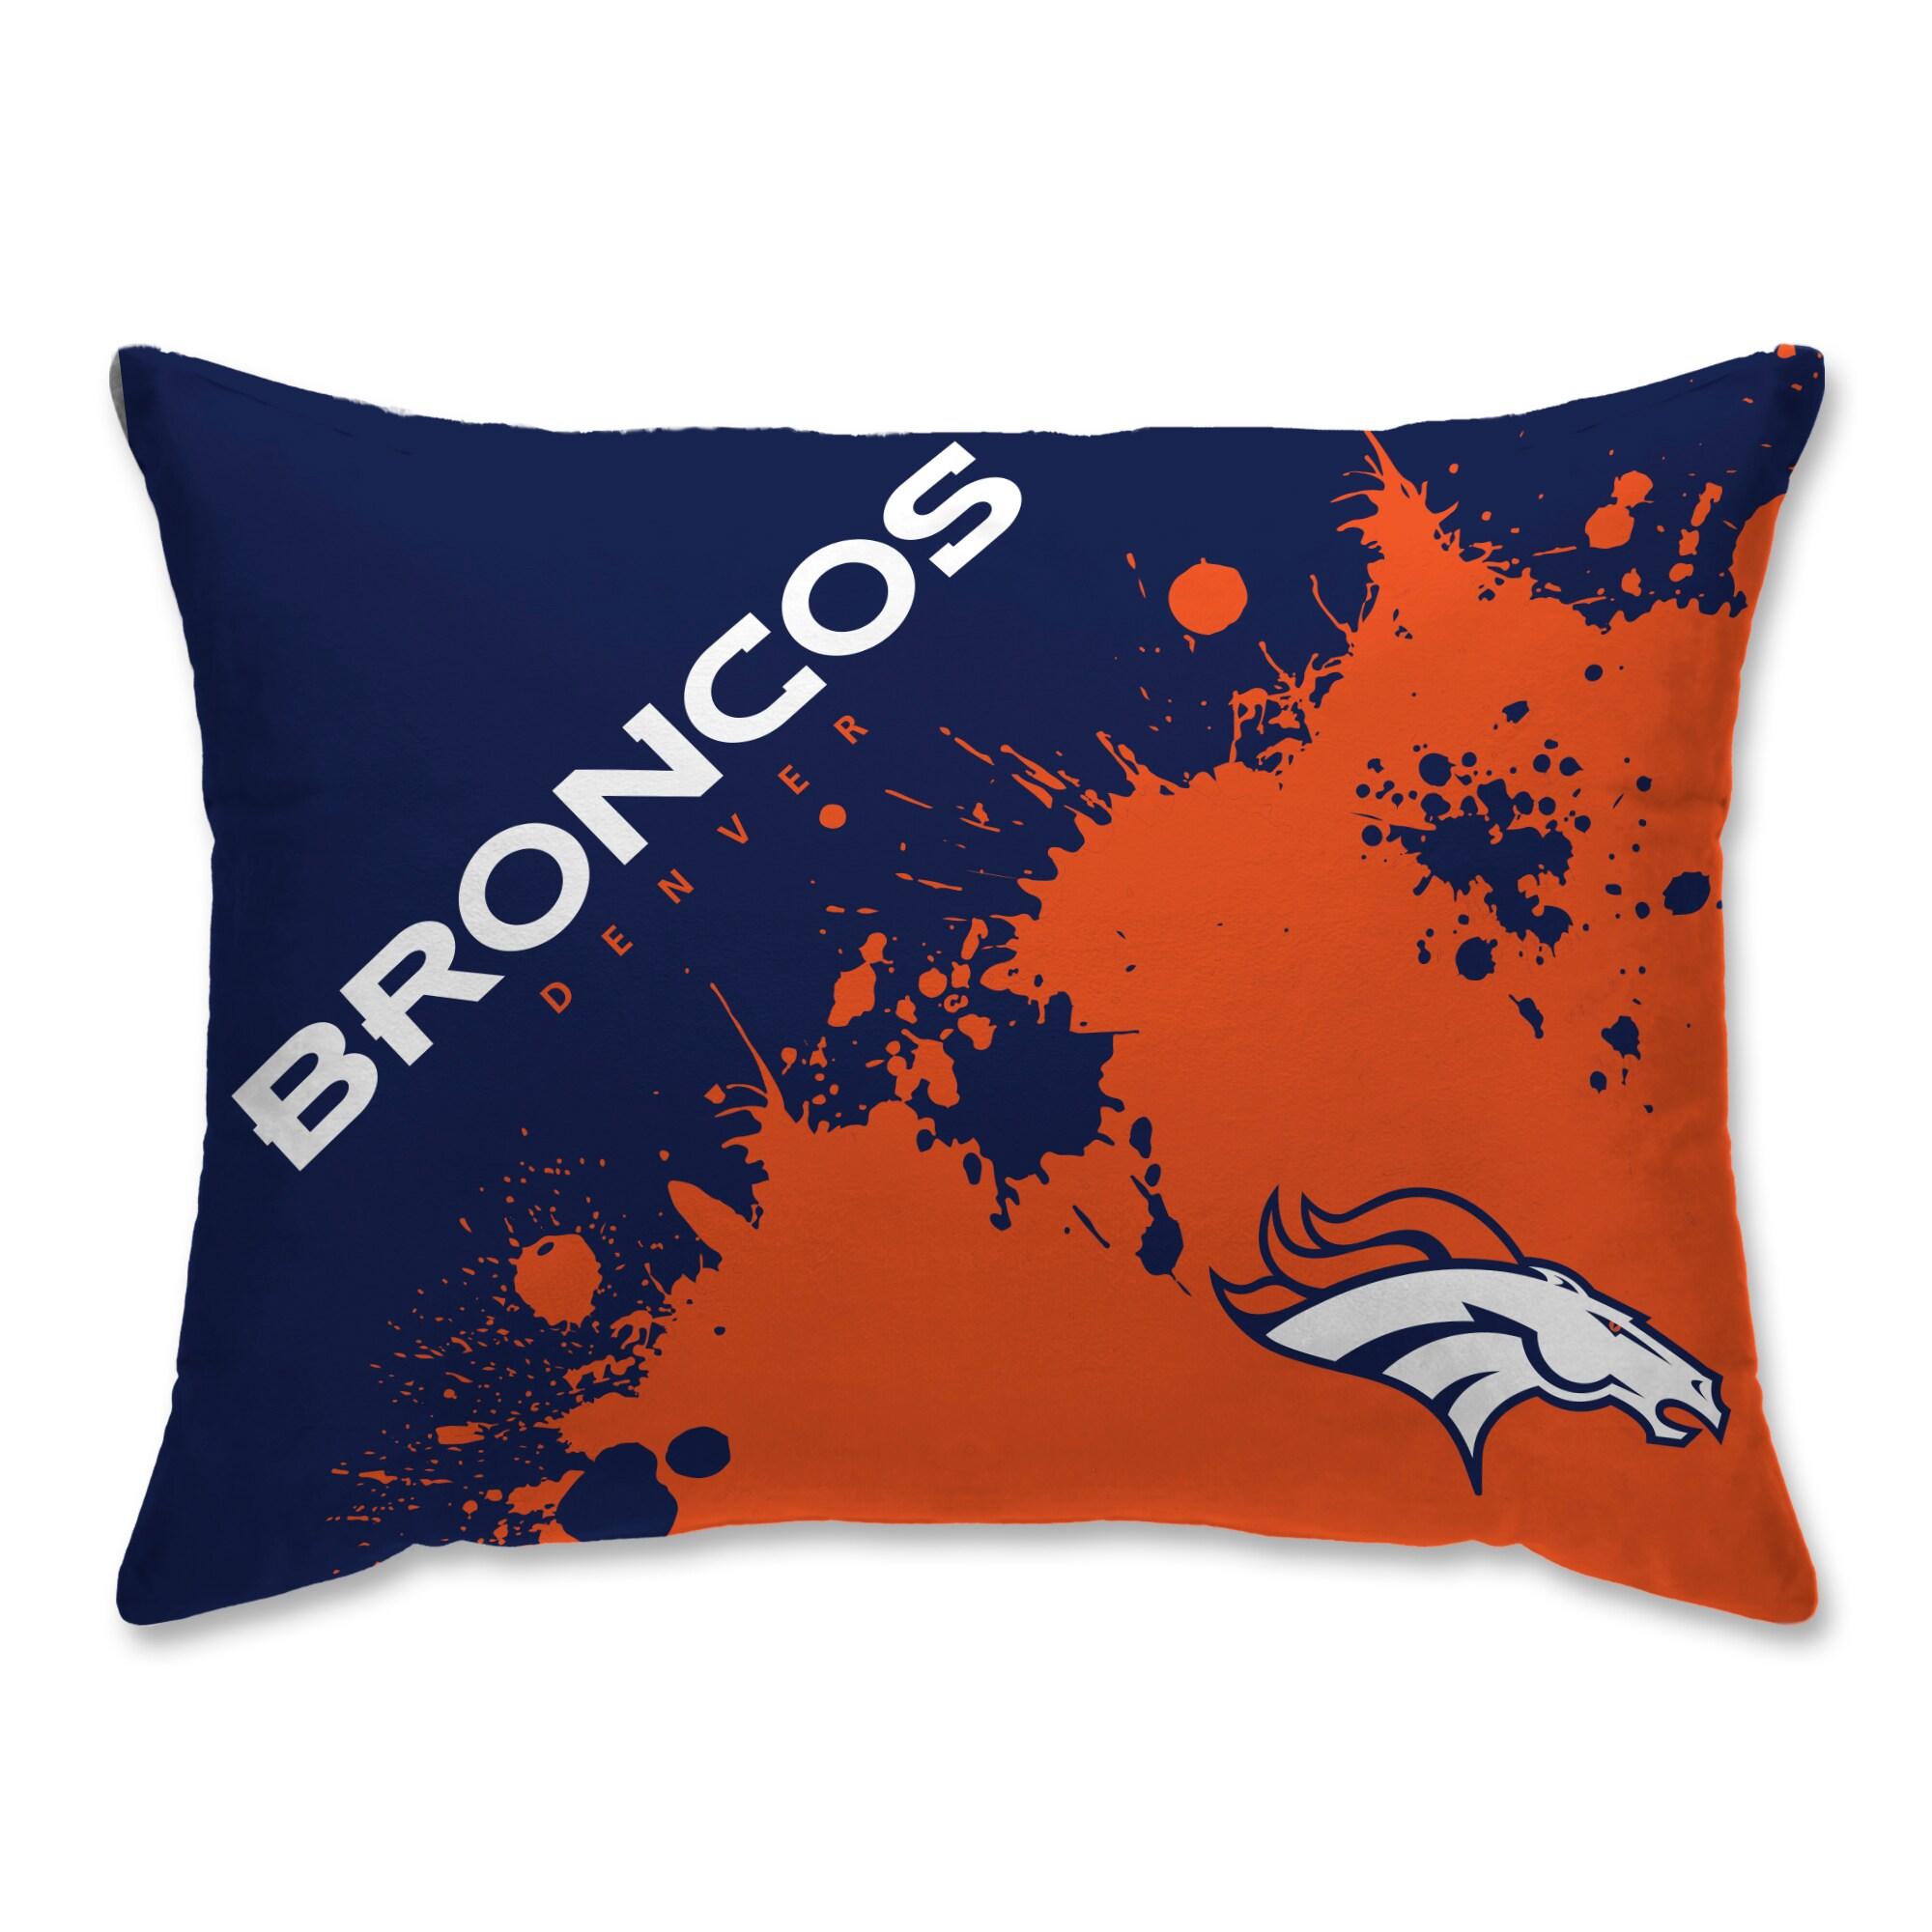 Denver Broncos Splatter Plush Bed Pillow - Blue